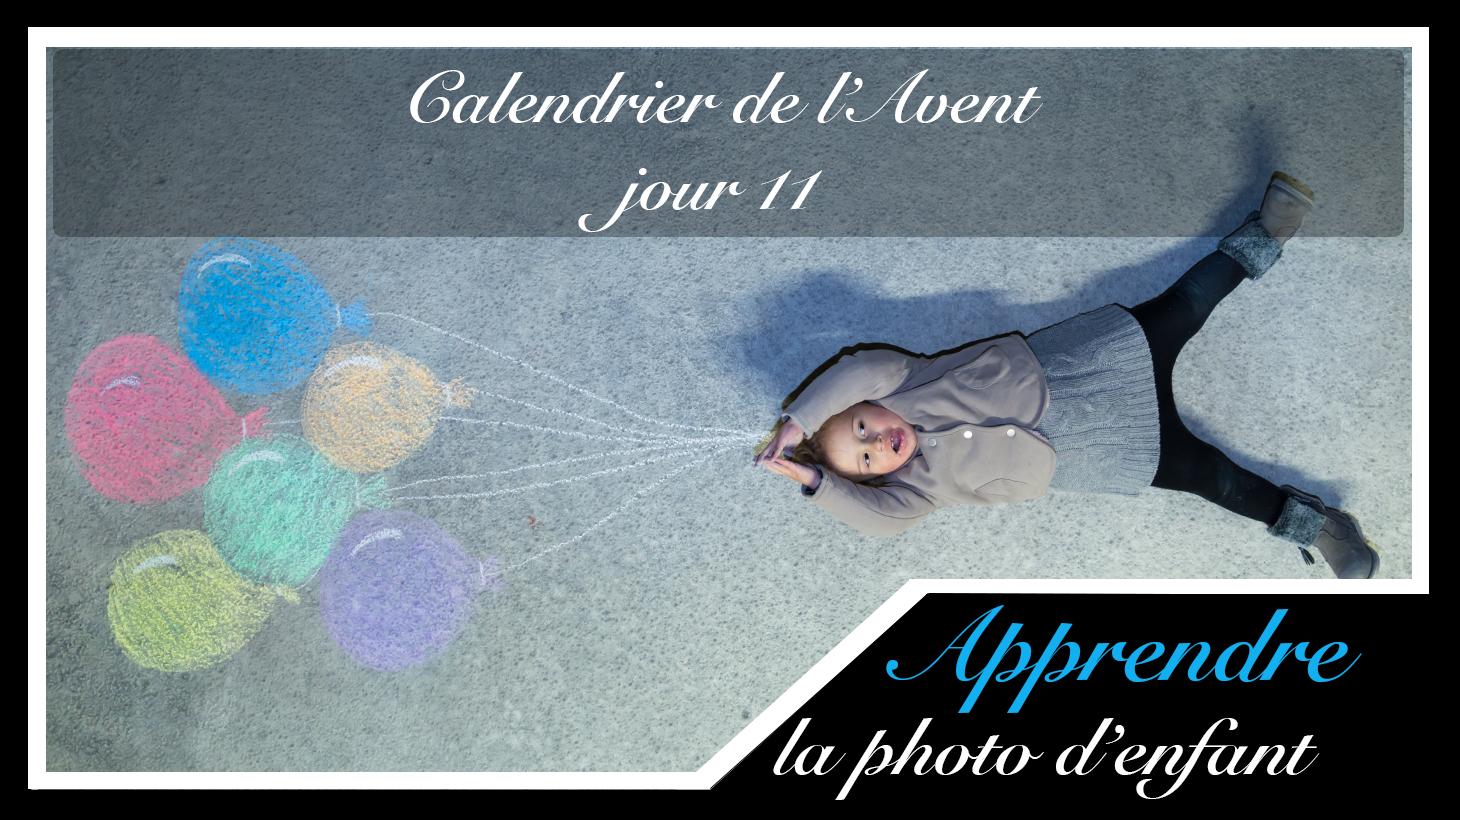 Jour 11 – Calendrier de l'Avent spécial Photo d'enfant